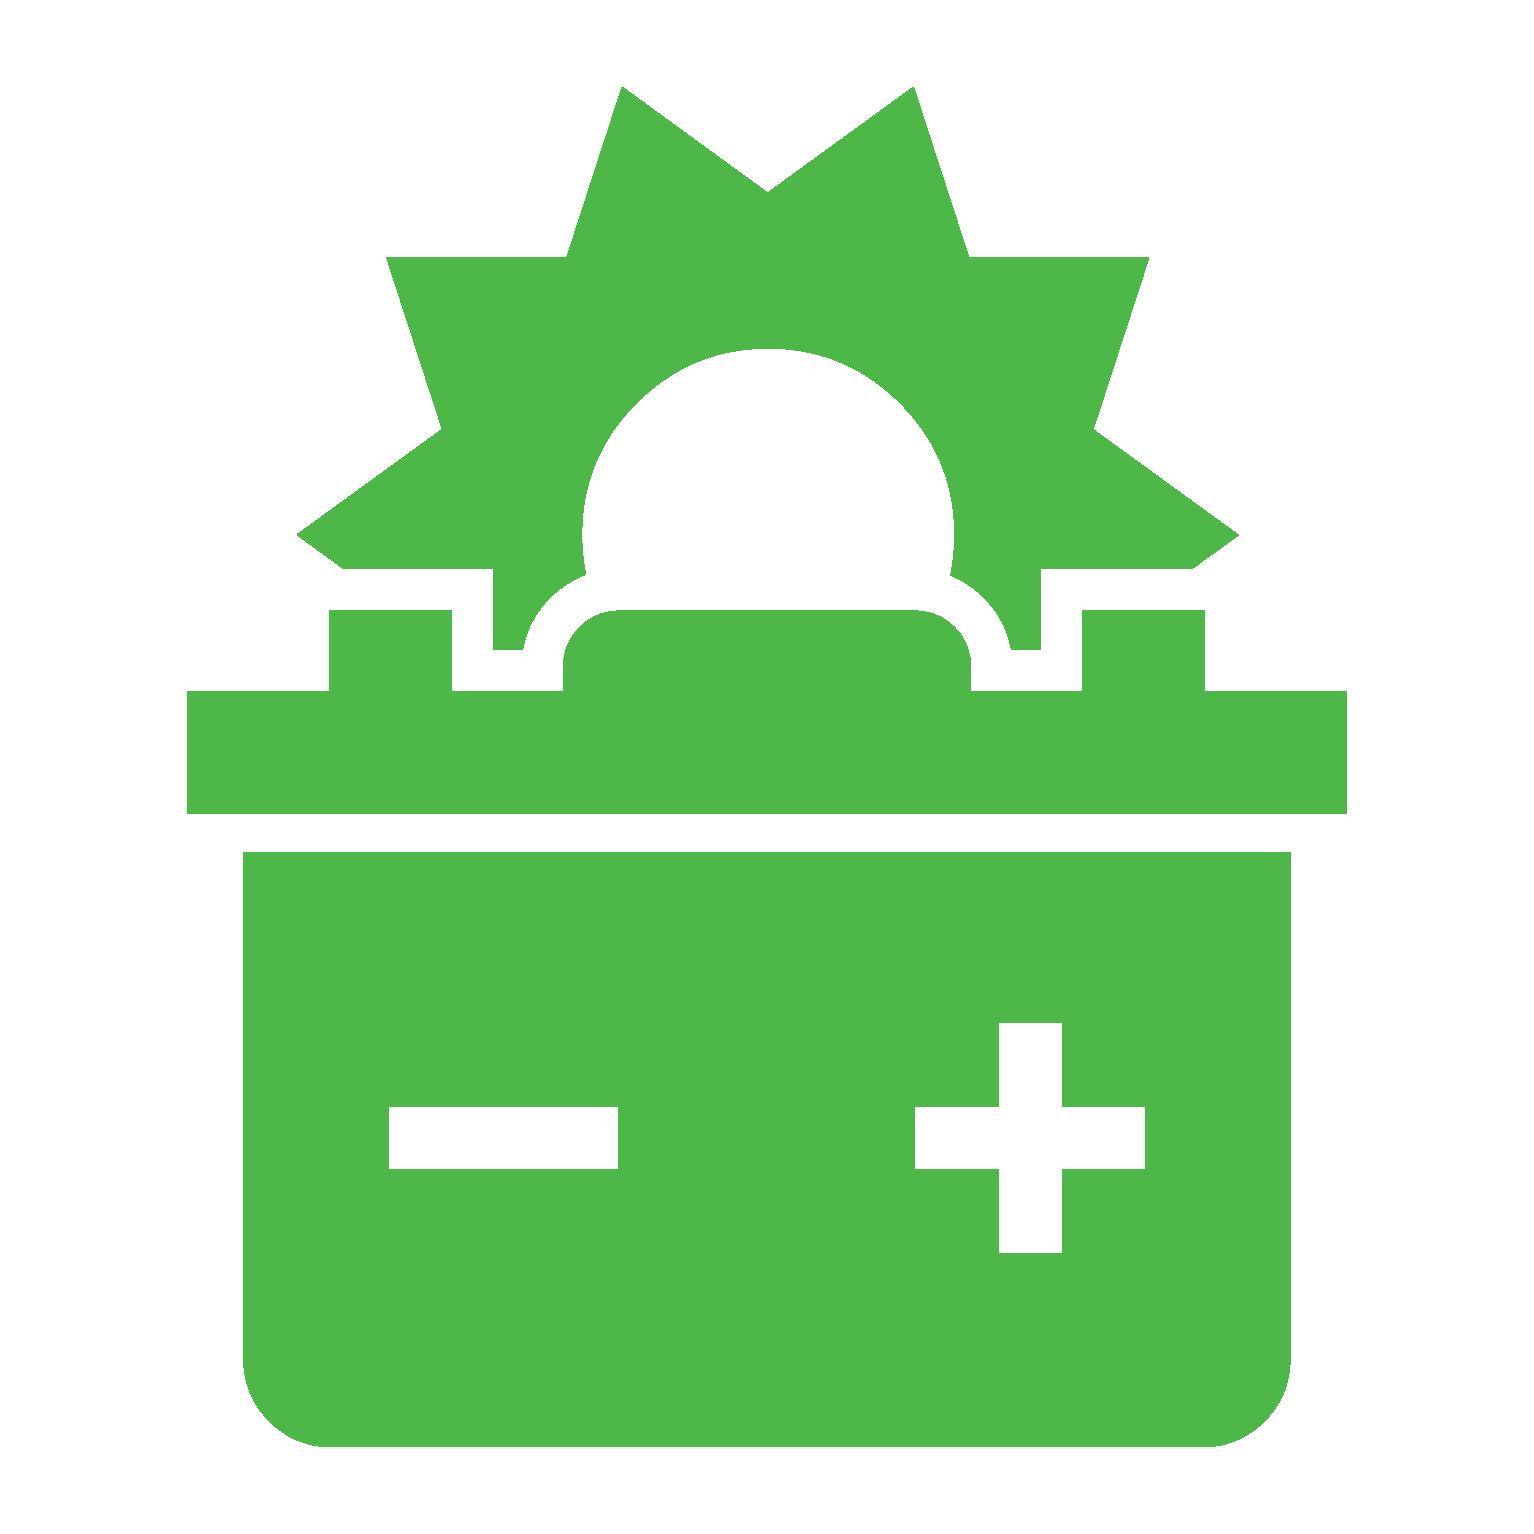 FV akumulator green